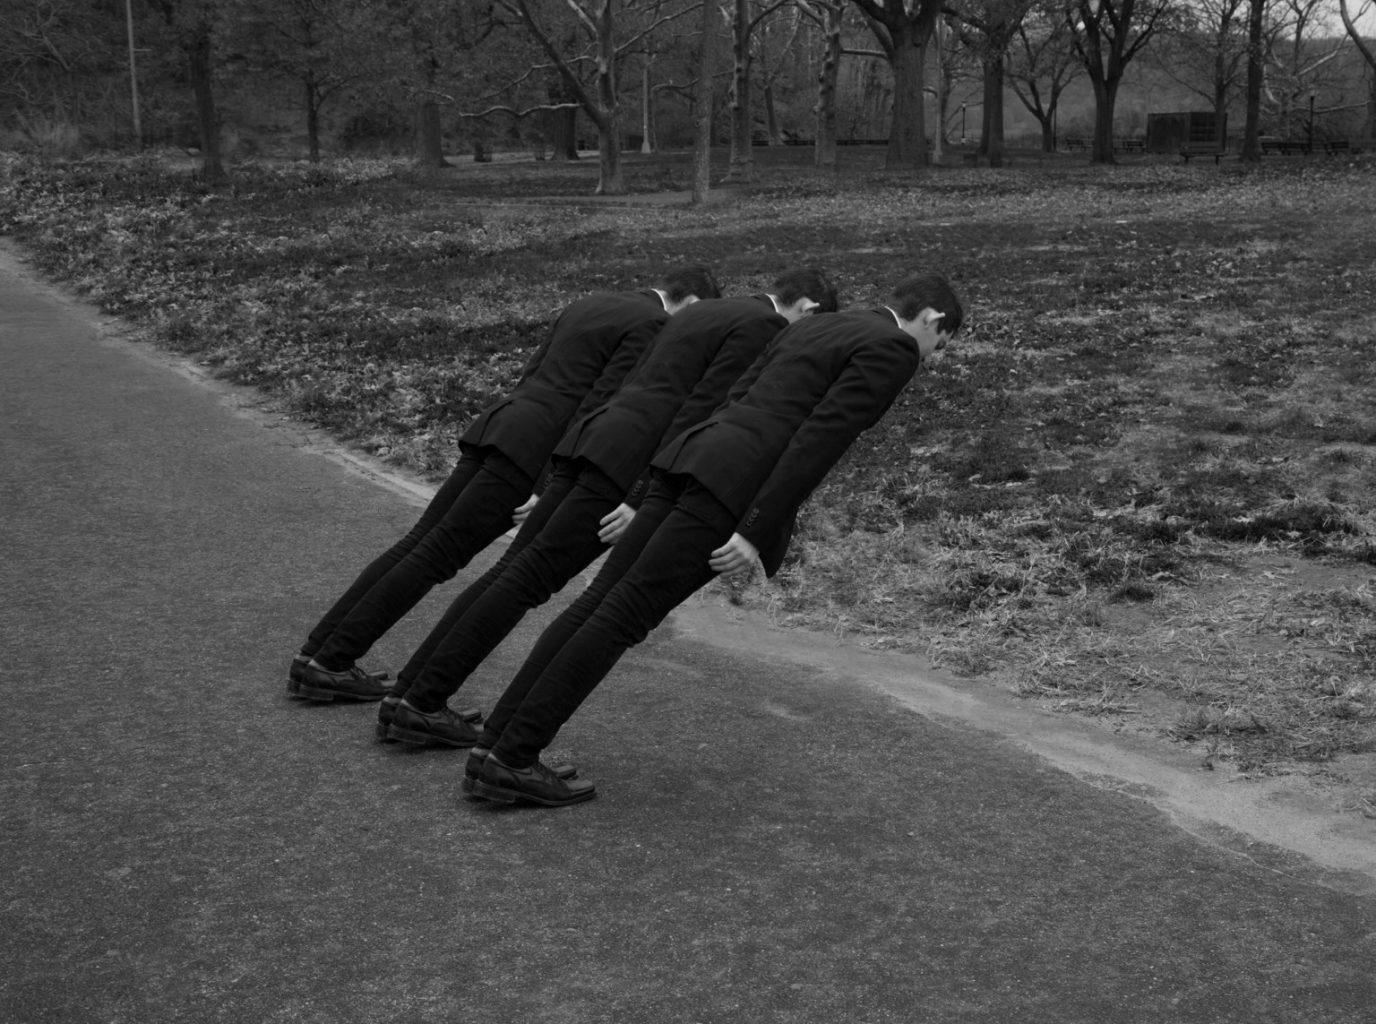 Tres hombre inclinados en la calle